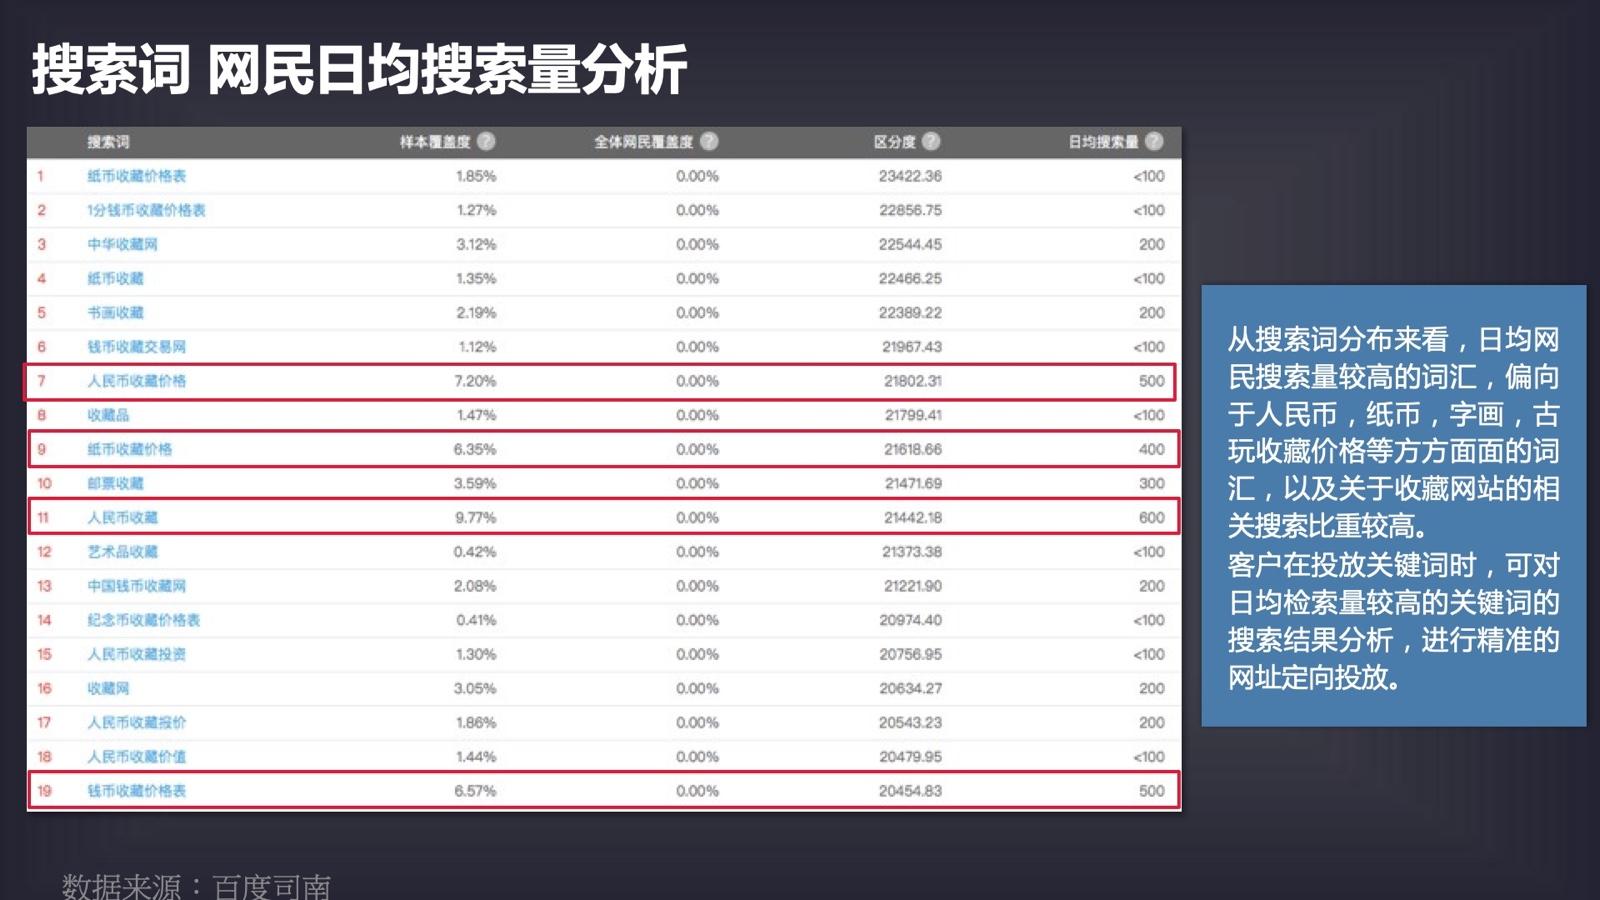 苏州百度推广账户管理菜根谭公司,点击率低点击成本高,看看你投对了吗?